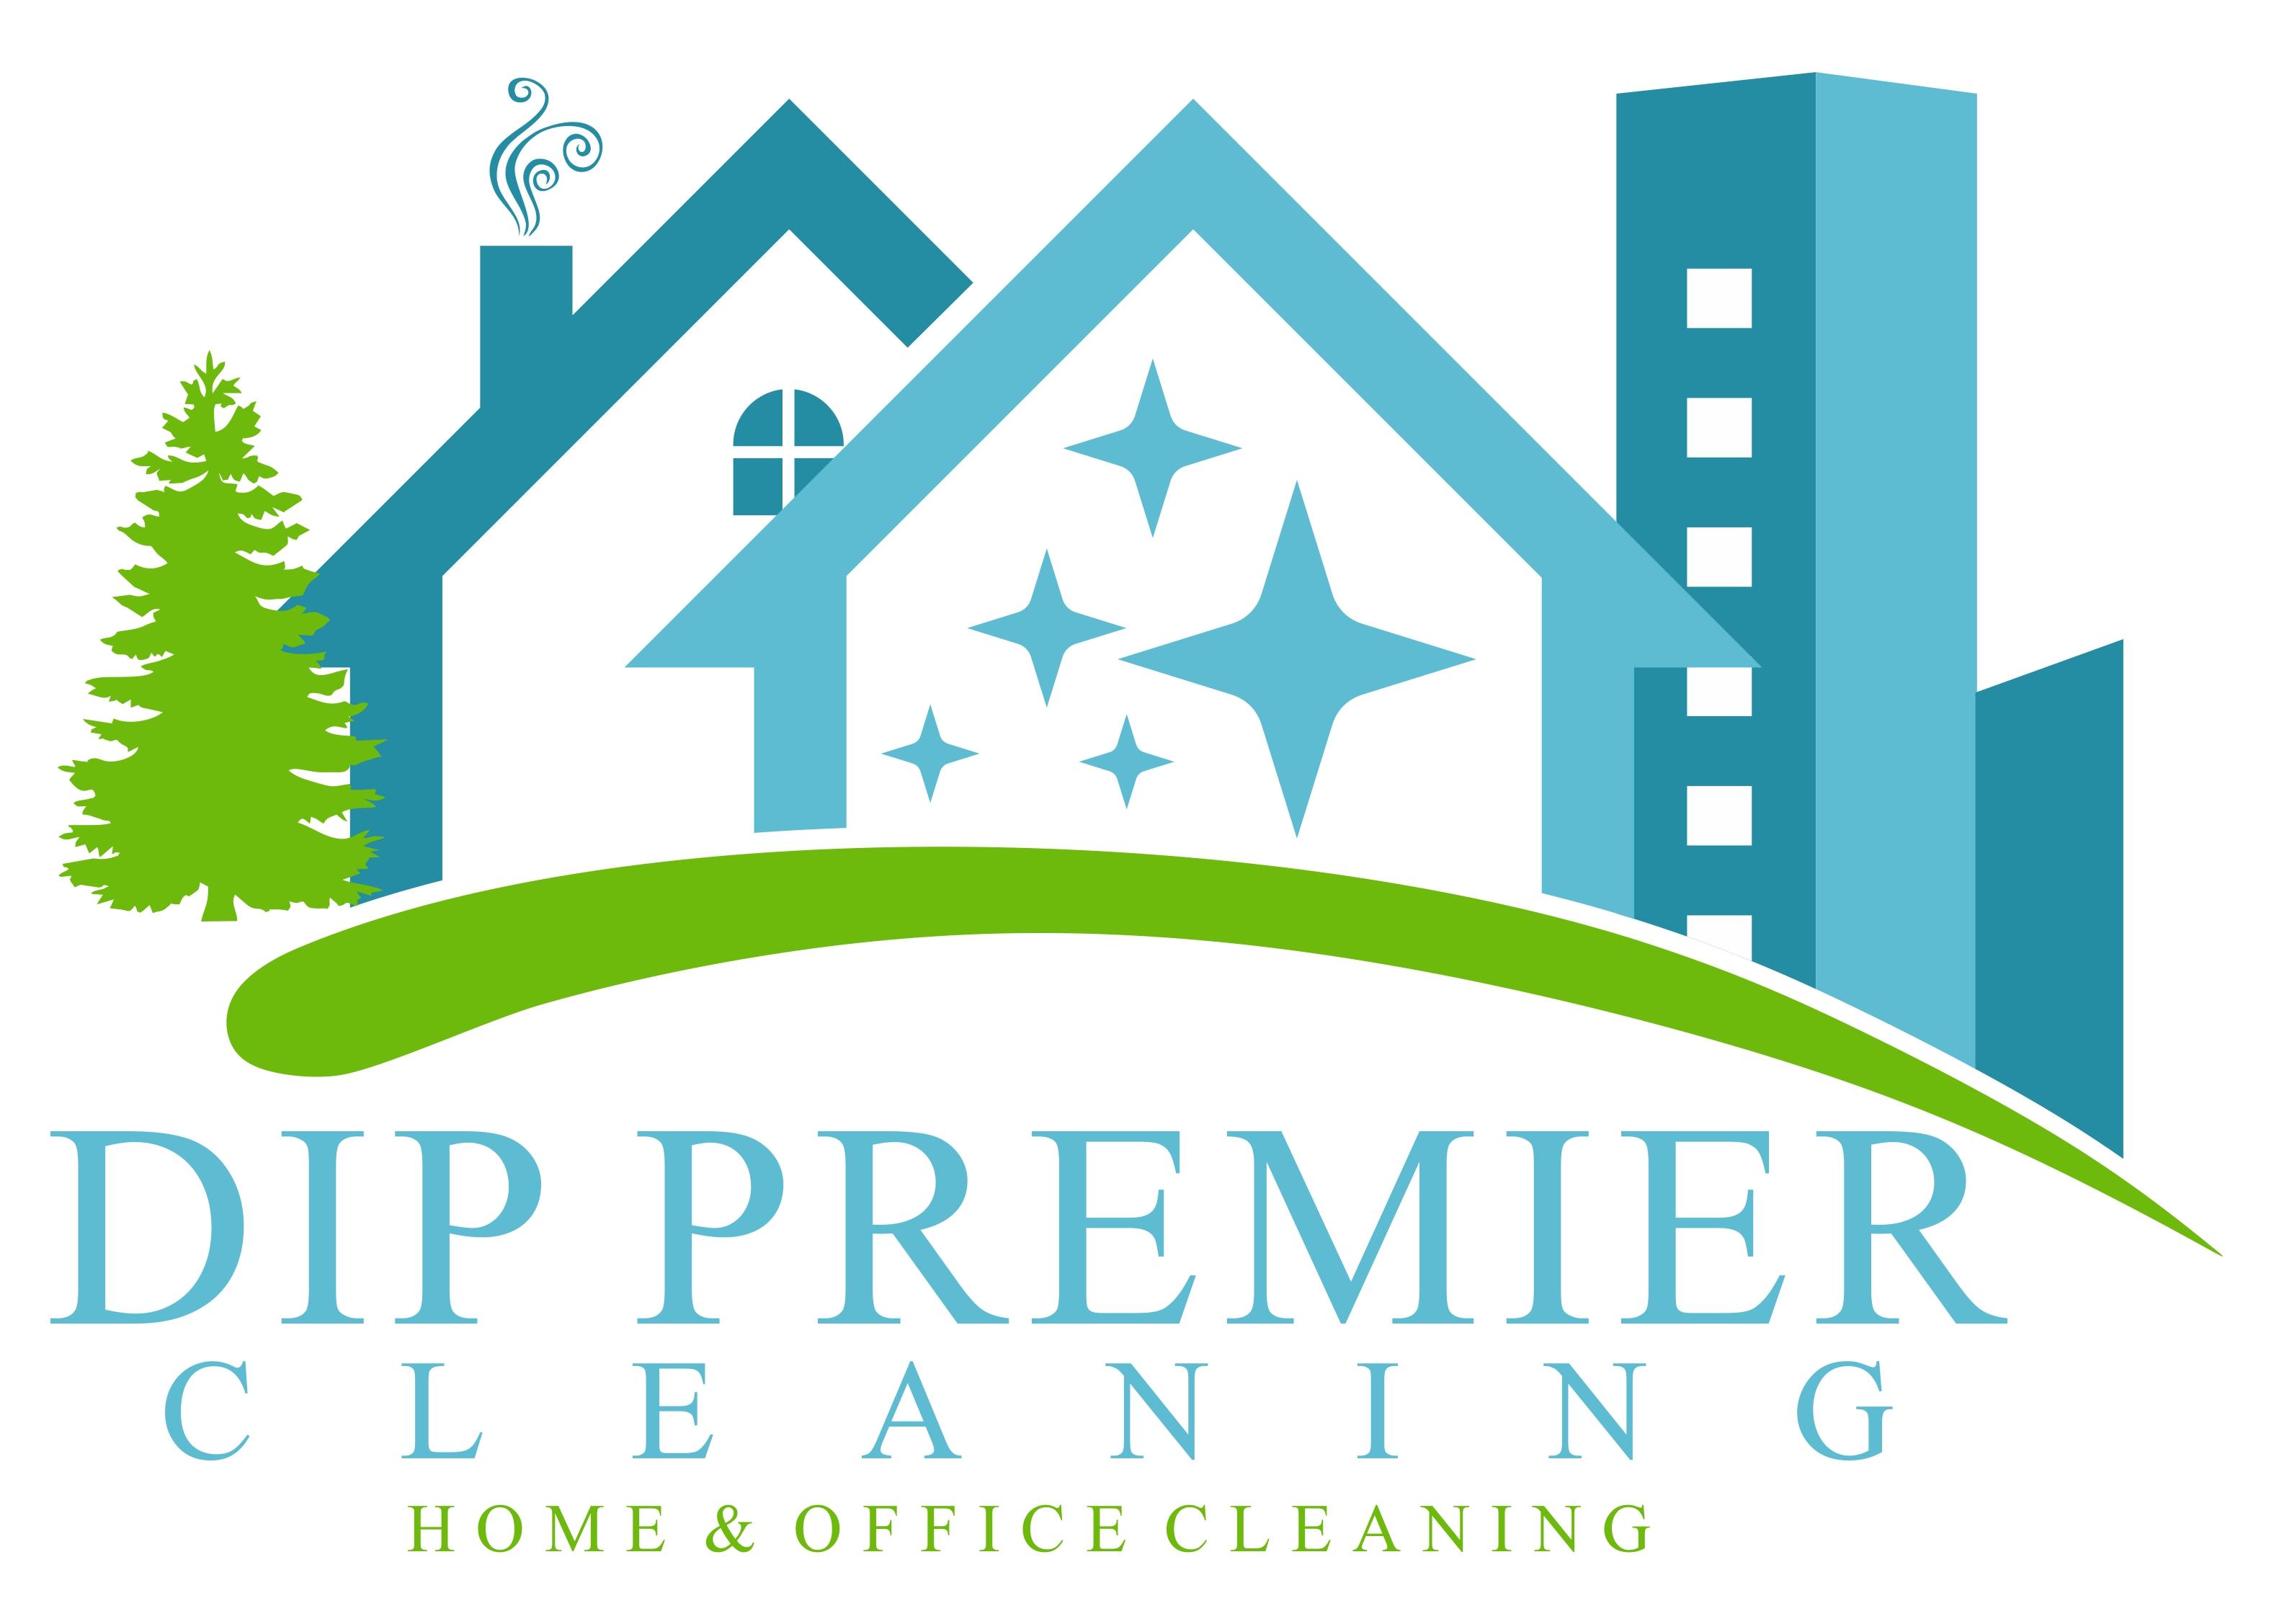 Dip Premier Cleaning